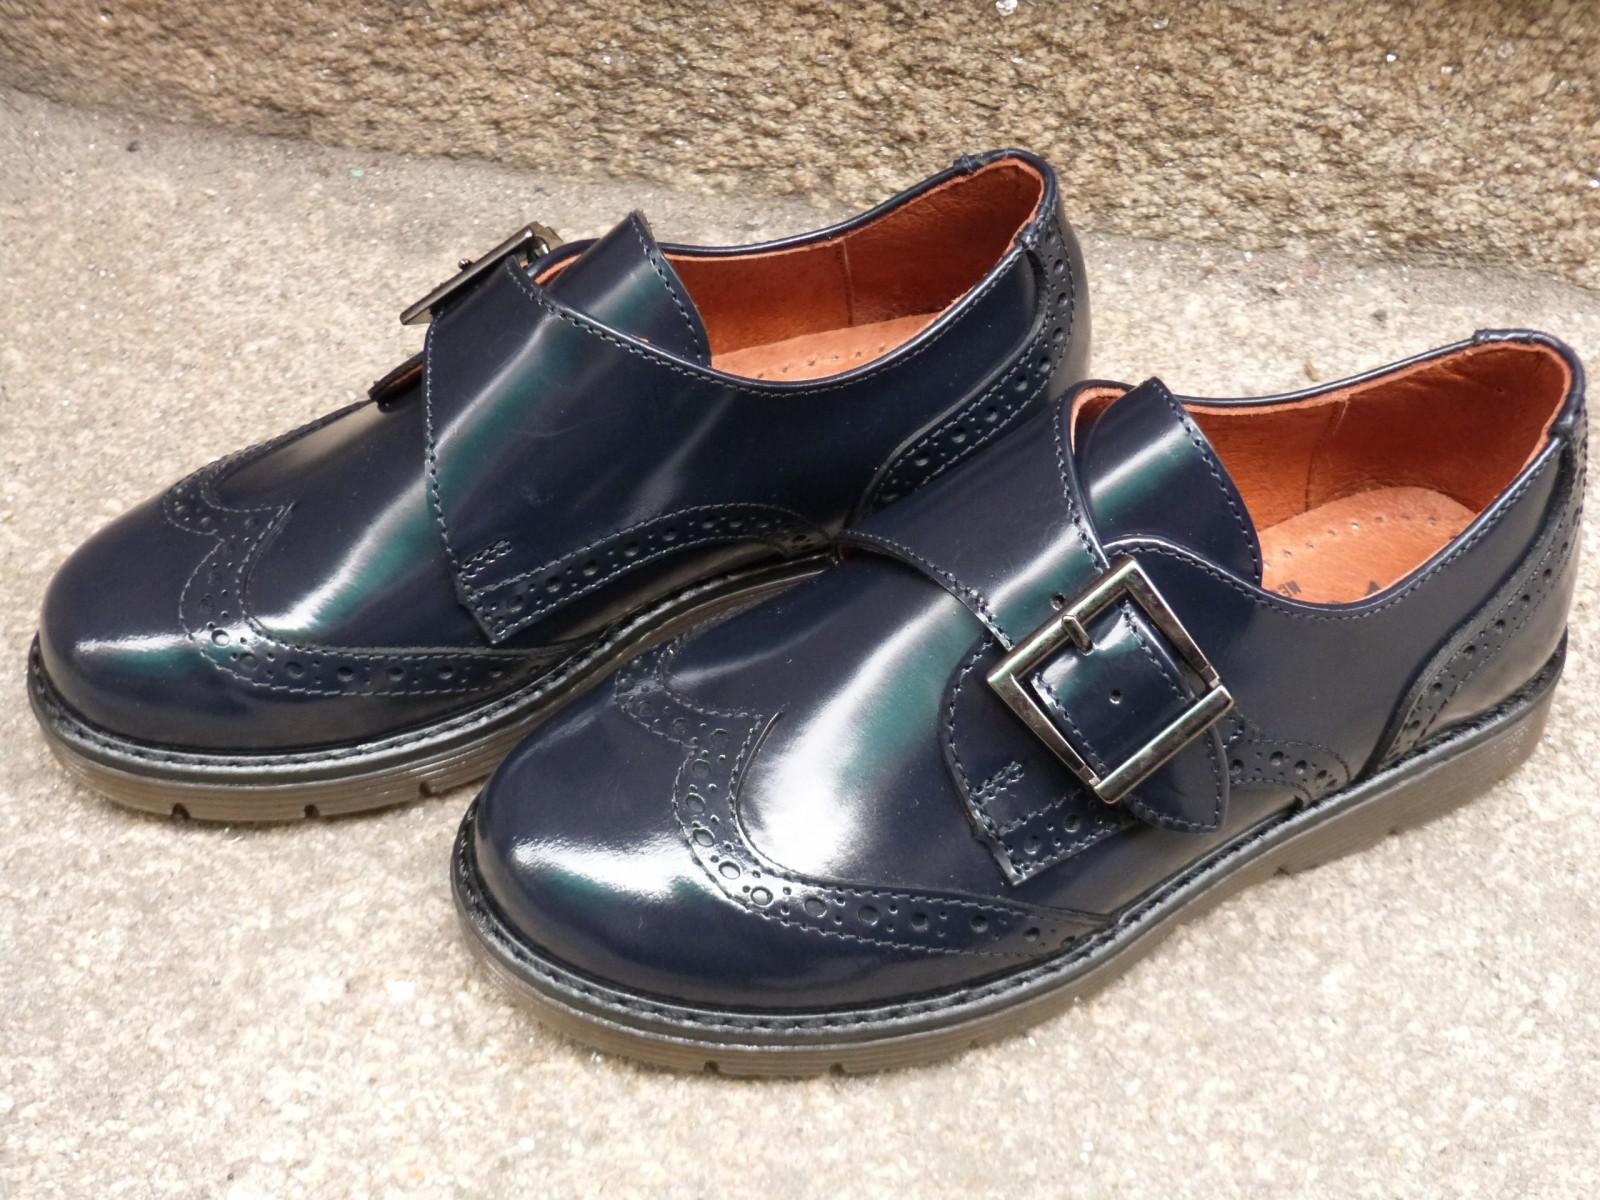 zapatos de piel azul marino niñas